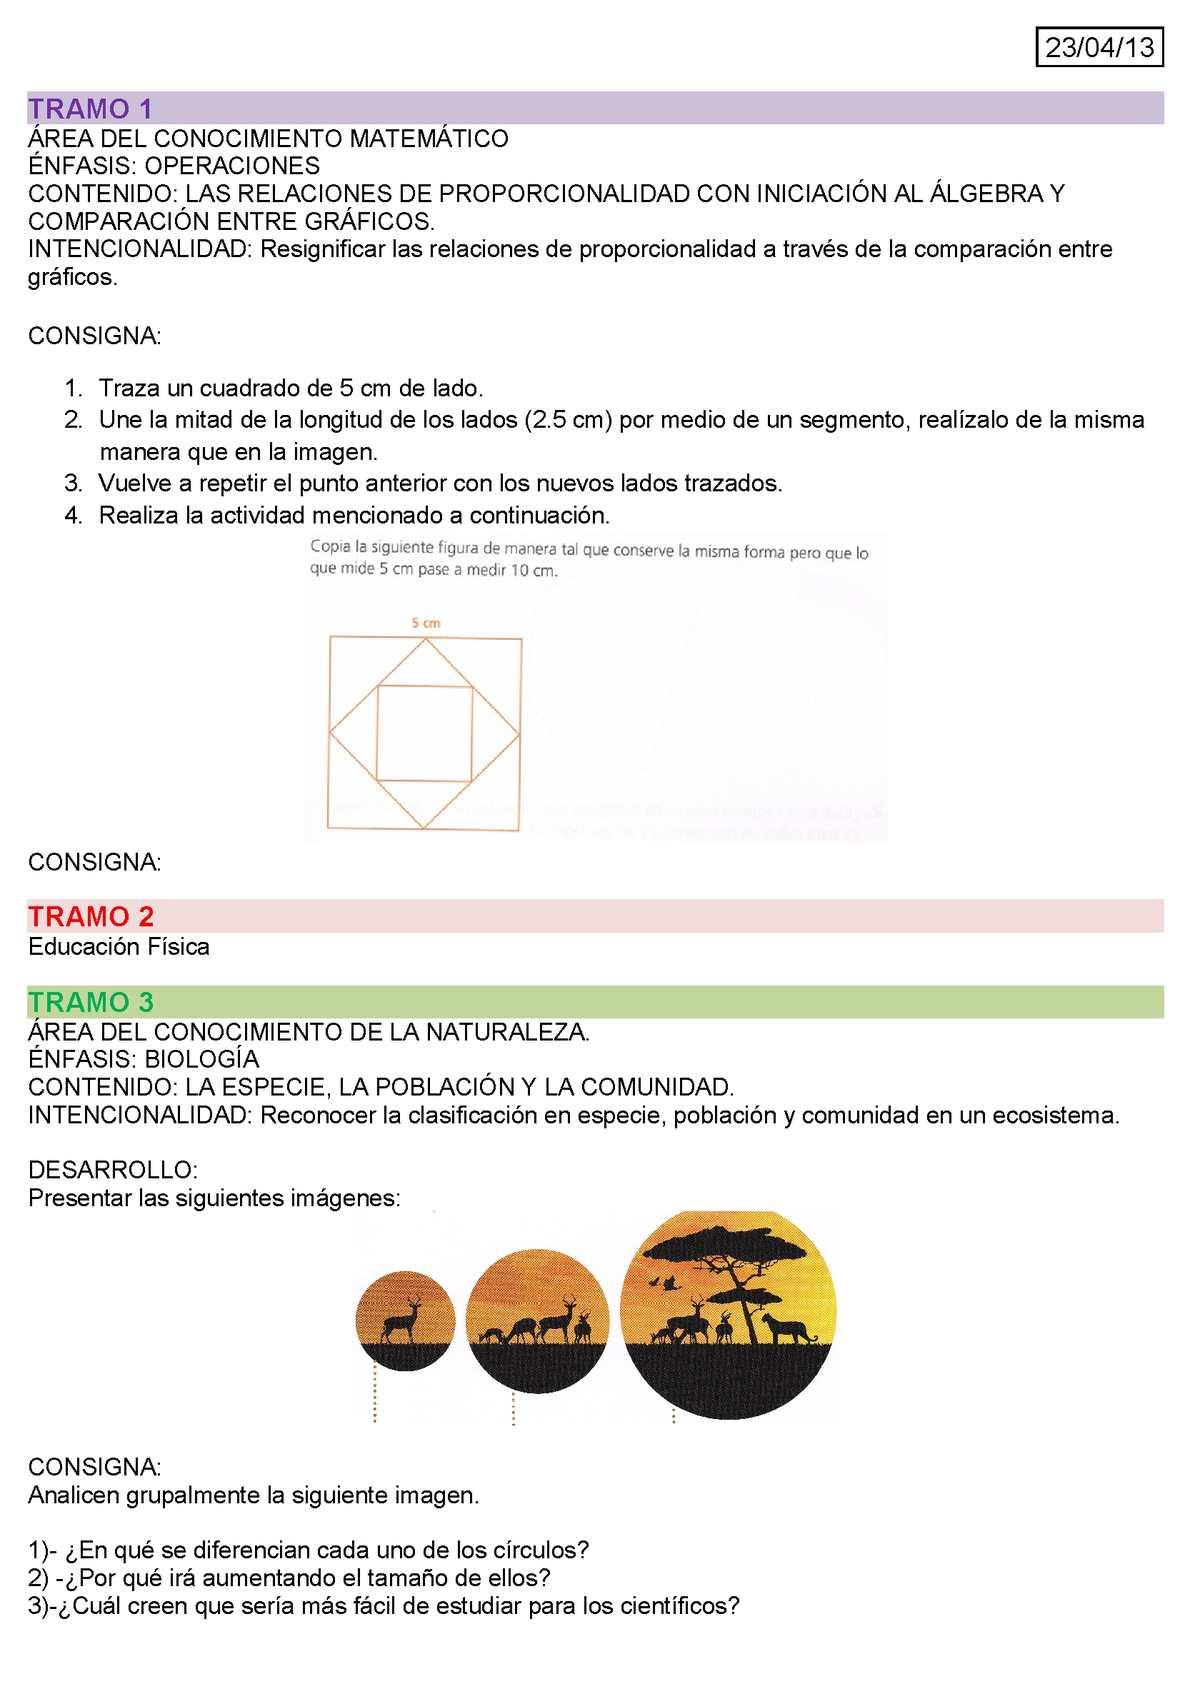 Planificación (Desde 23 de abril hasta 30 de Mayo 2013)